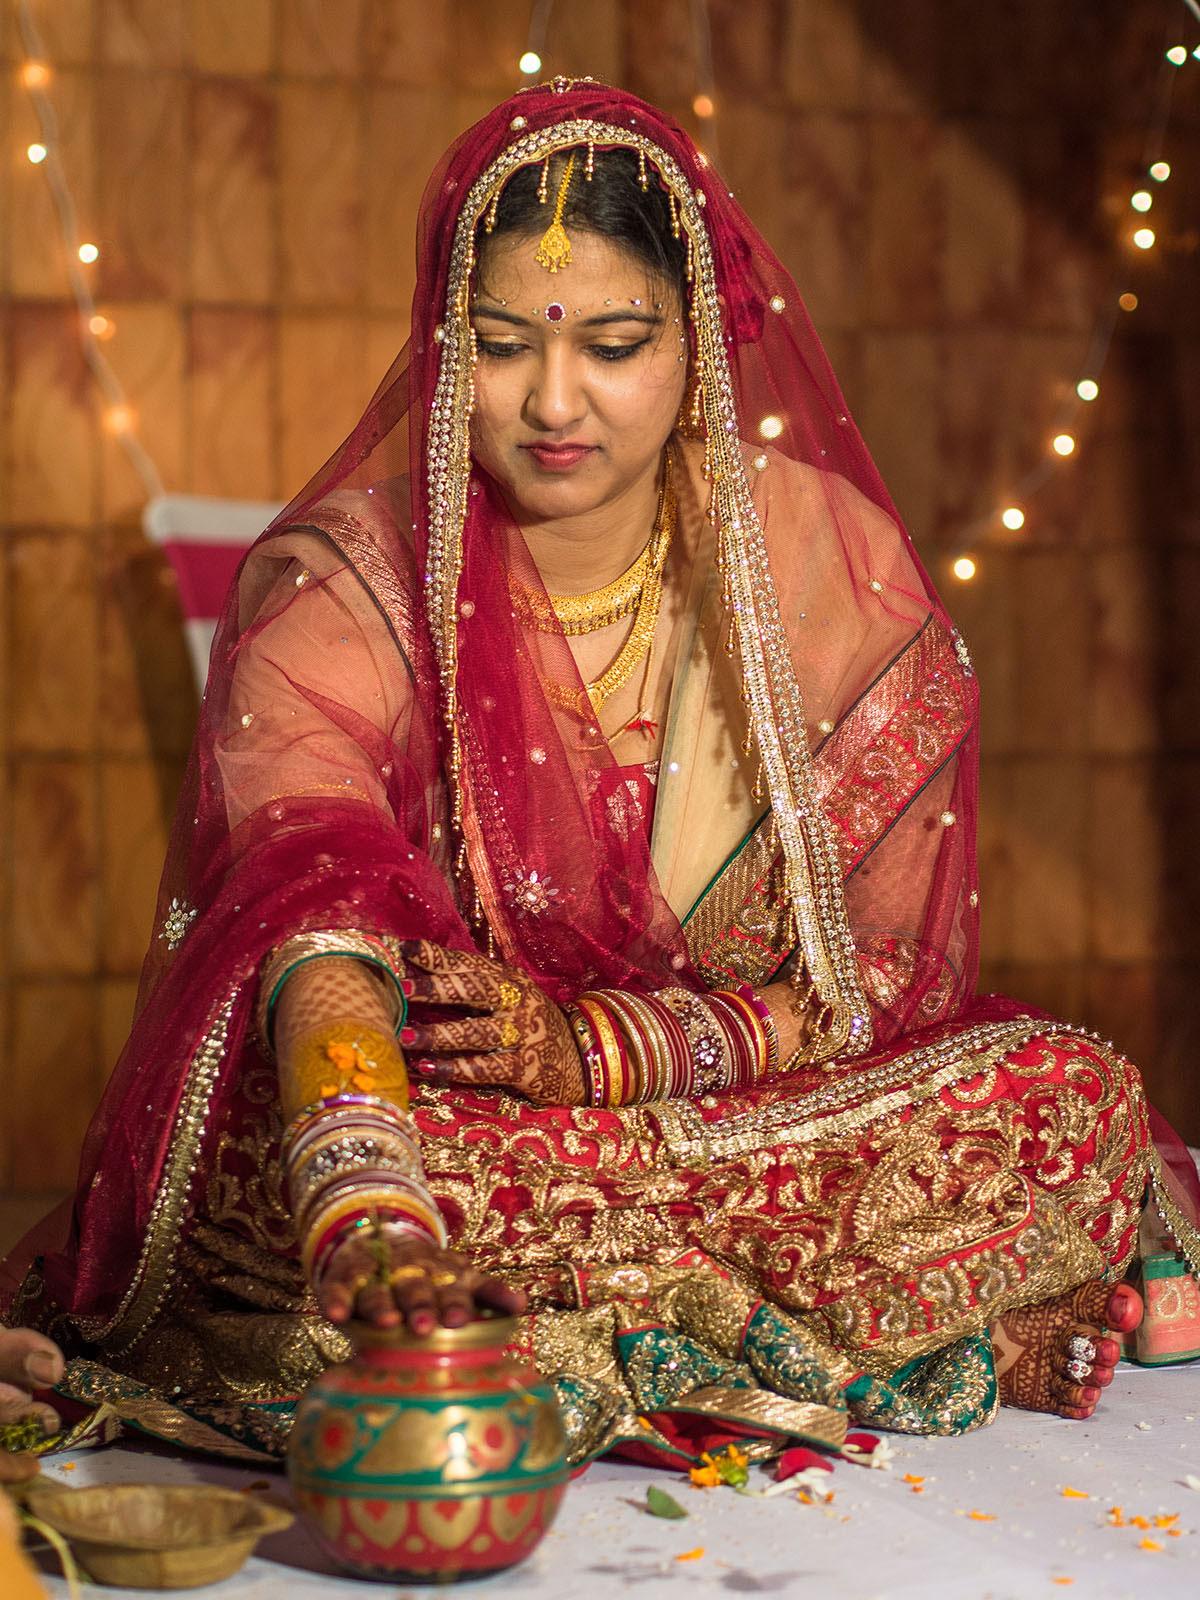 india_wedding_bride